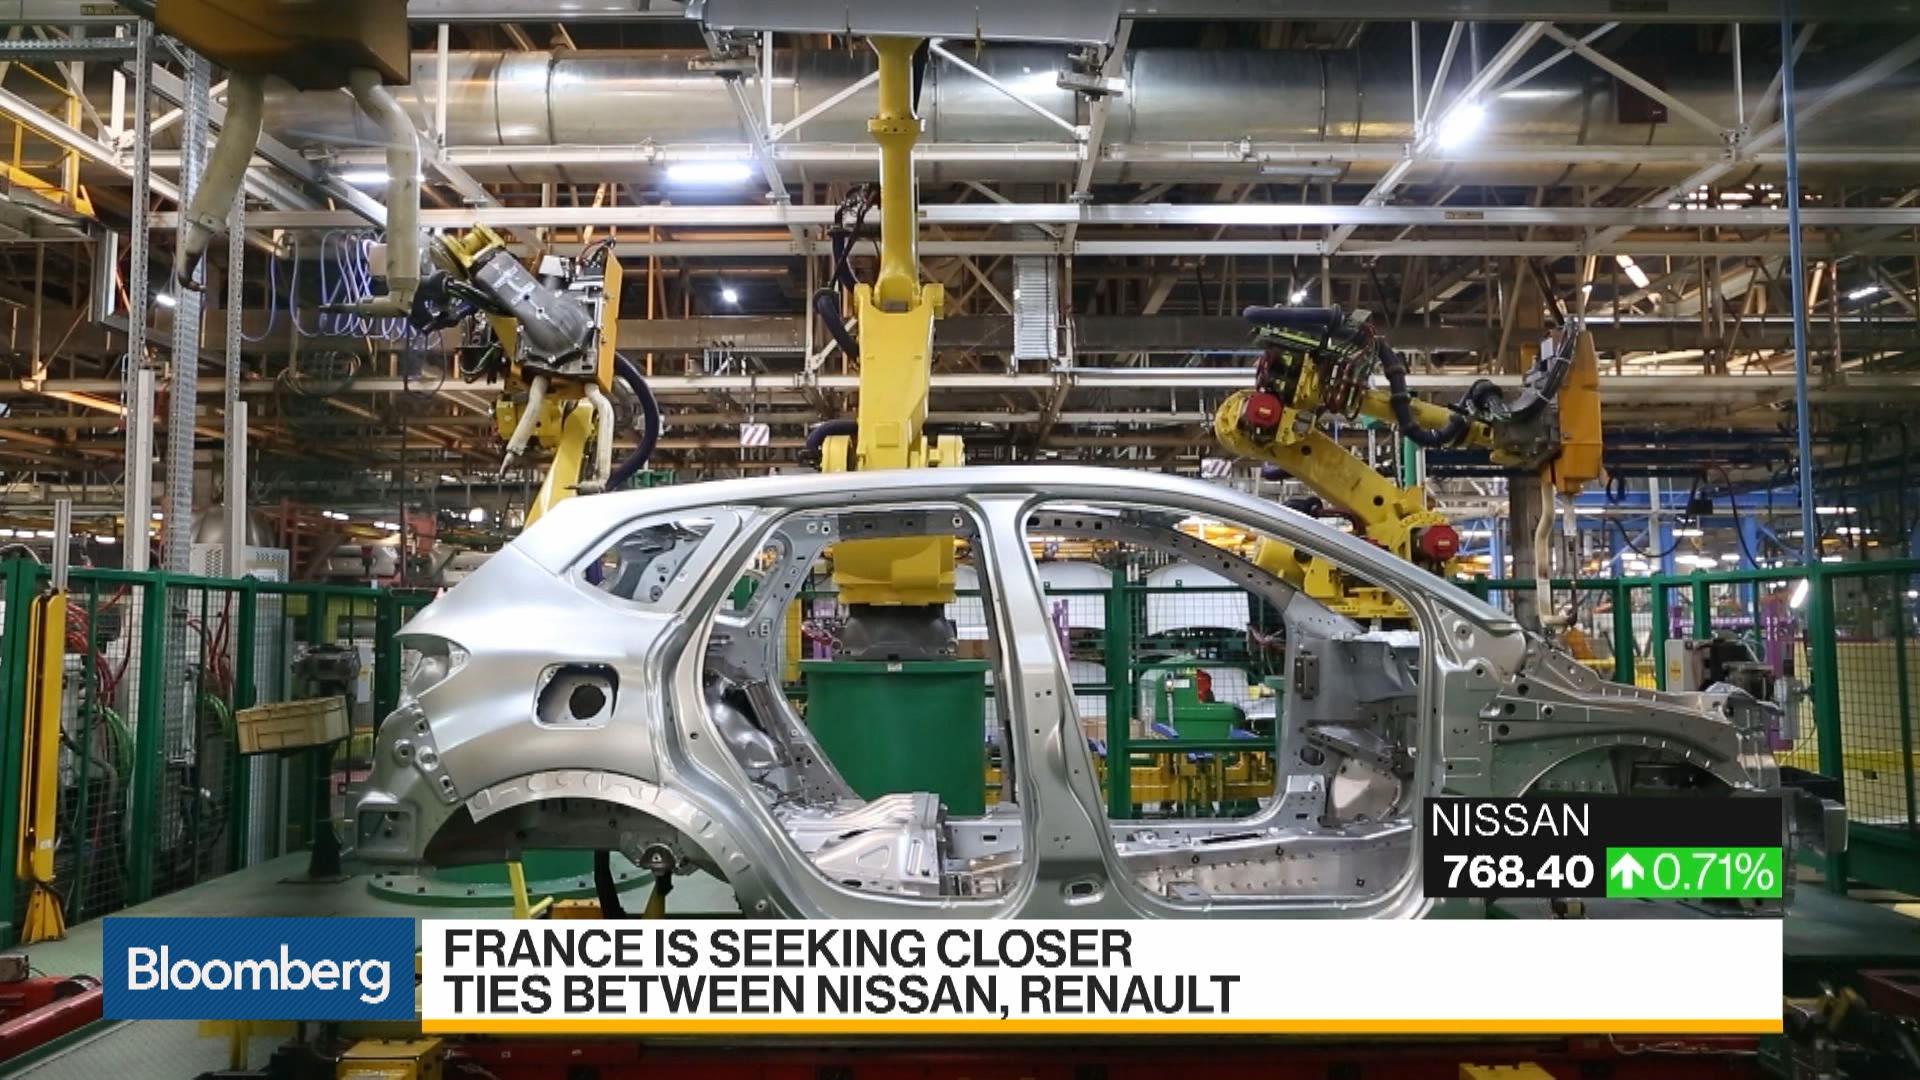 France Seeking Closer Ties Between Nissan and Renault